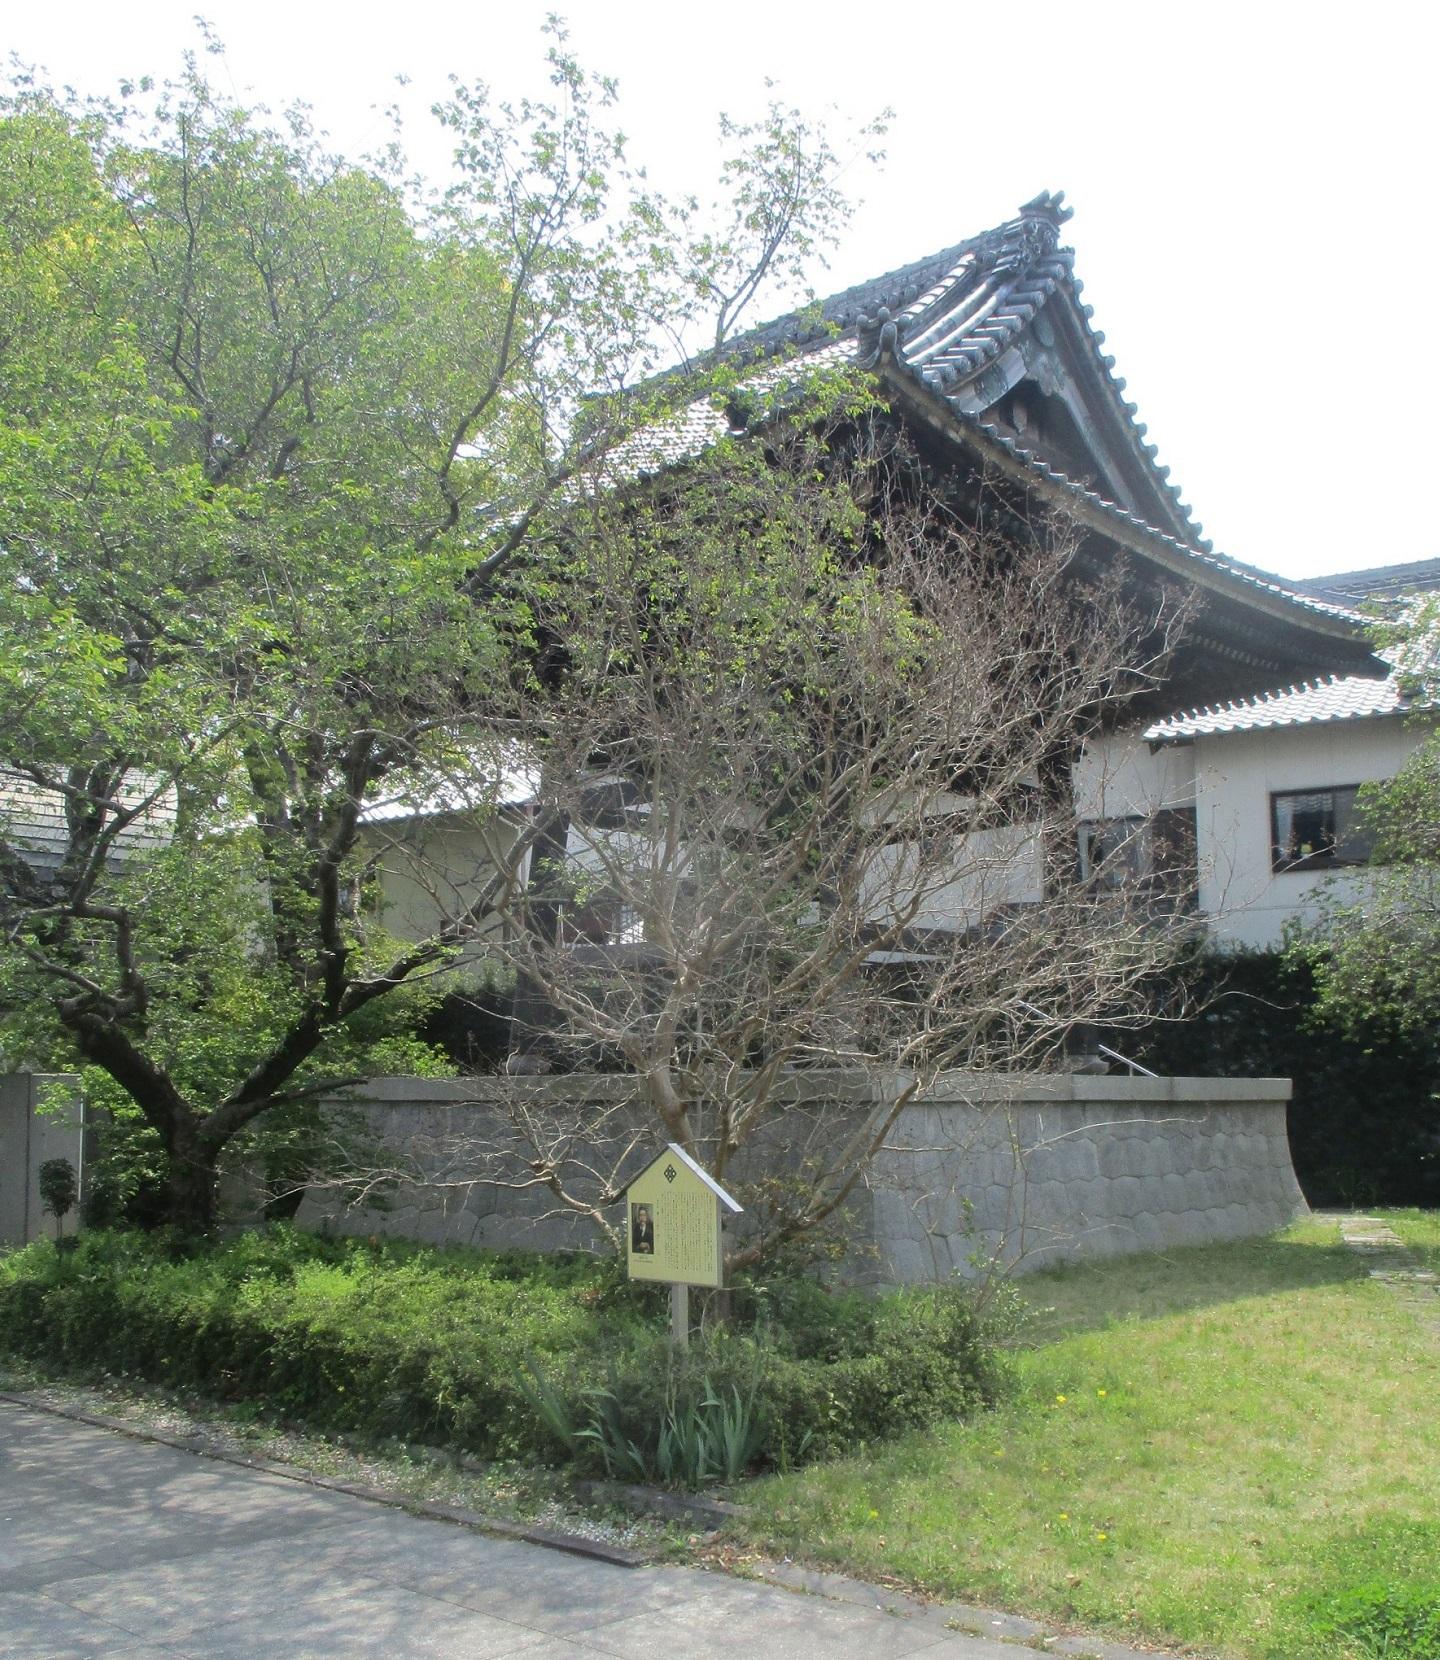 2020.4.16 (8) 上宮寺 - ふだんざくらとさるすべり 1440-1660